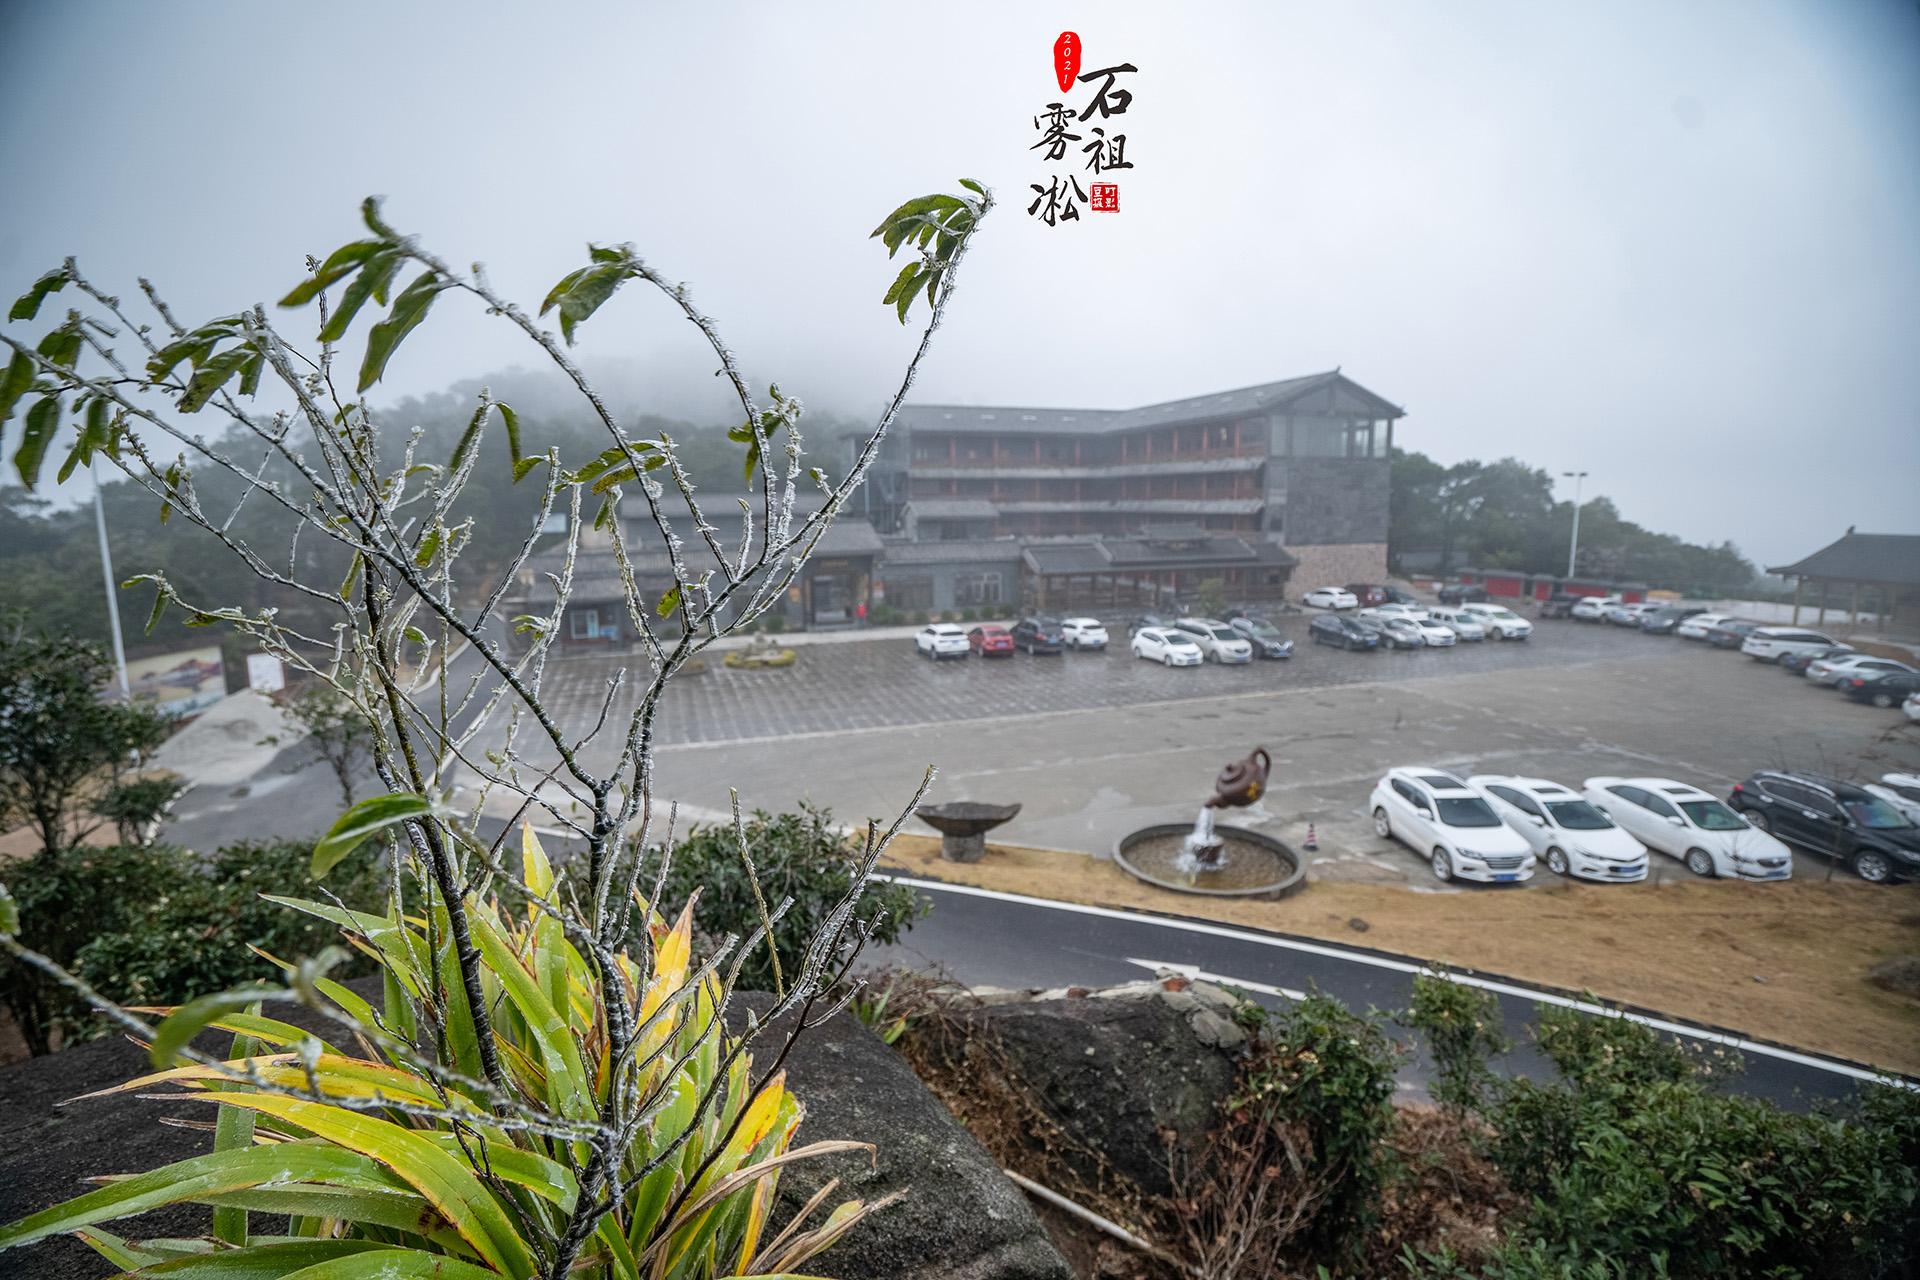 20210108石祖雾淞美景艺术5.jpg